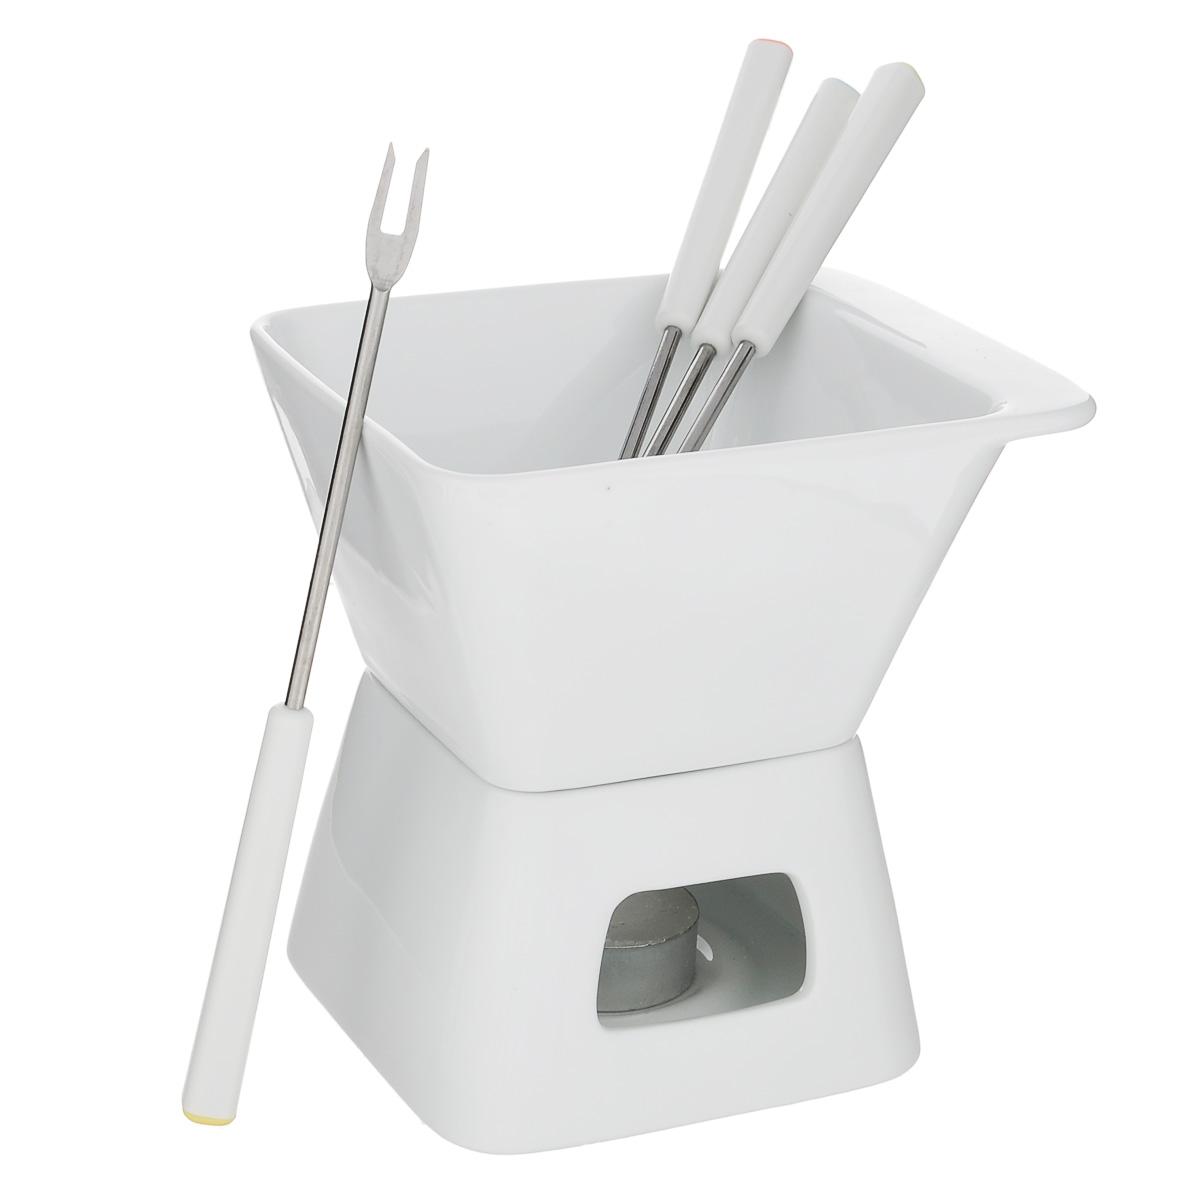 Набор для шоколадного фондю Tescoma Gustito, цвет: белый, 7 предметов386396Набор для шоколадного фондю Tescoma Gustito, изготовленный из первоклассного жароупорного фарфора, прекрасно подойдет для вашей кухни. Рассчитан на 4 персоны. Набор состоит из чаши и подставки. В центр подставки устанавливается свеча-таблетка (прилагается в наборе), сверху ставится чаша для соуса. К набору прилагаются 4 вилочки. В чашечке растапливается сыр, шоколад - все что угодно, на вилочки насаживается хлеб или зефир (к шоколаду). Вилки выполнены из высококачественной нержавеющей стали и прочного пластика. Набор можно мыть в посудомоечной машине. Фондю, любимое швейцарское блюдо, завоевывает популярность во многих странах. Нехитрое приспособление, устанавливаемое прямо на стол, позволяет каждому проявить свою изобретательность в приготовлении блюд. В ход идут любые продукты, их выбор зависит лишь от индивидуального вкуса. В приготовлении этого блюда участвуют сами гости, поэтому оно вносит оживление в любое застолье. Фондю - отличный...